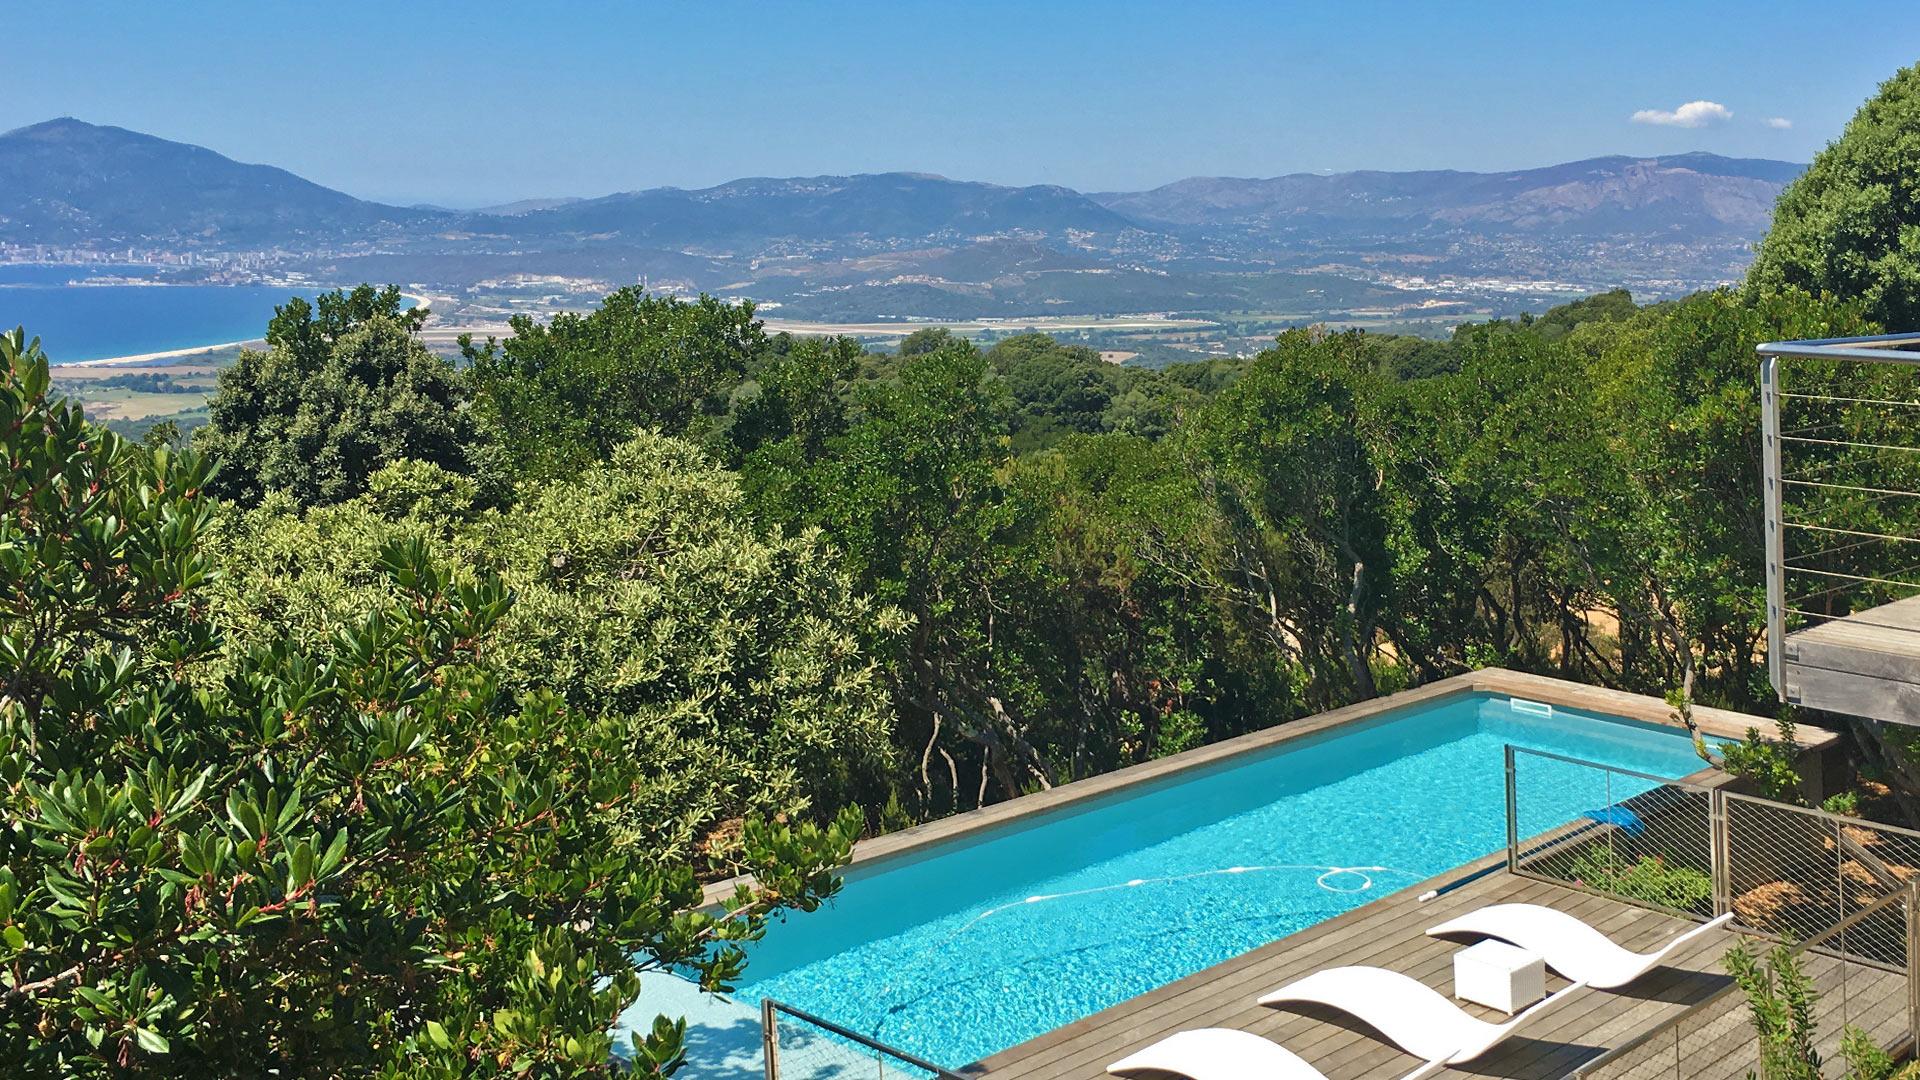 Villa Villa Orso, Ferienvilla mieten Korsika